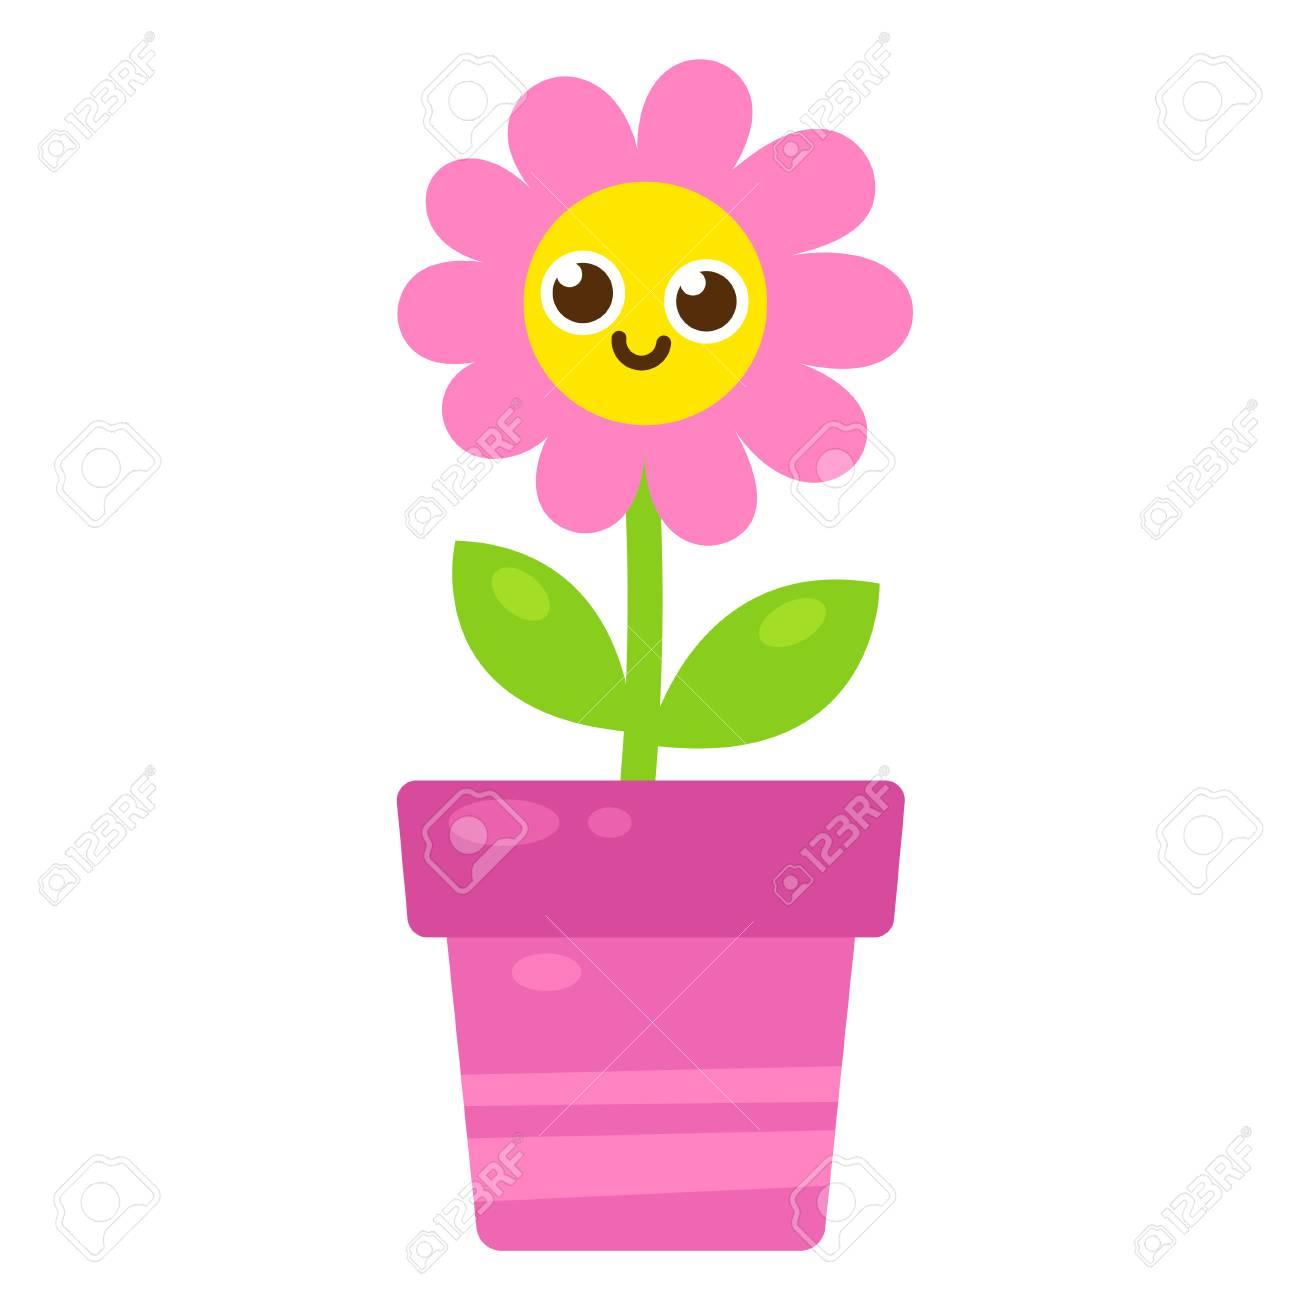 Fleur Rose Dessin Anime Mignon Avec Le Visage Souriant Dans Le Pot